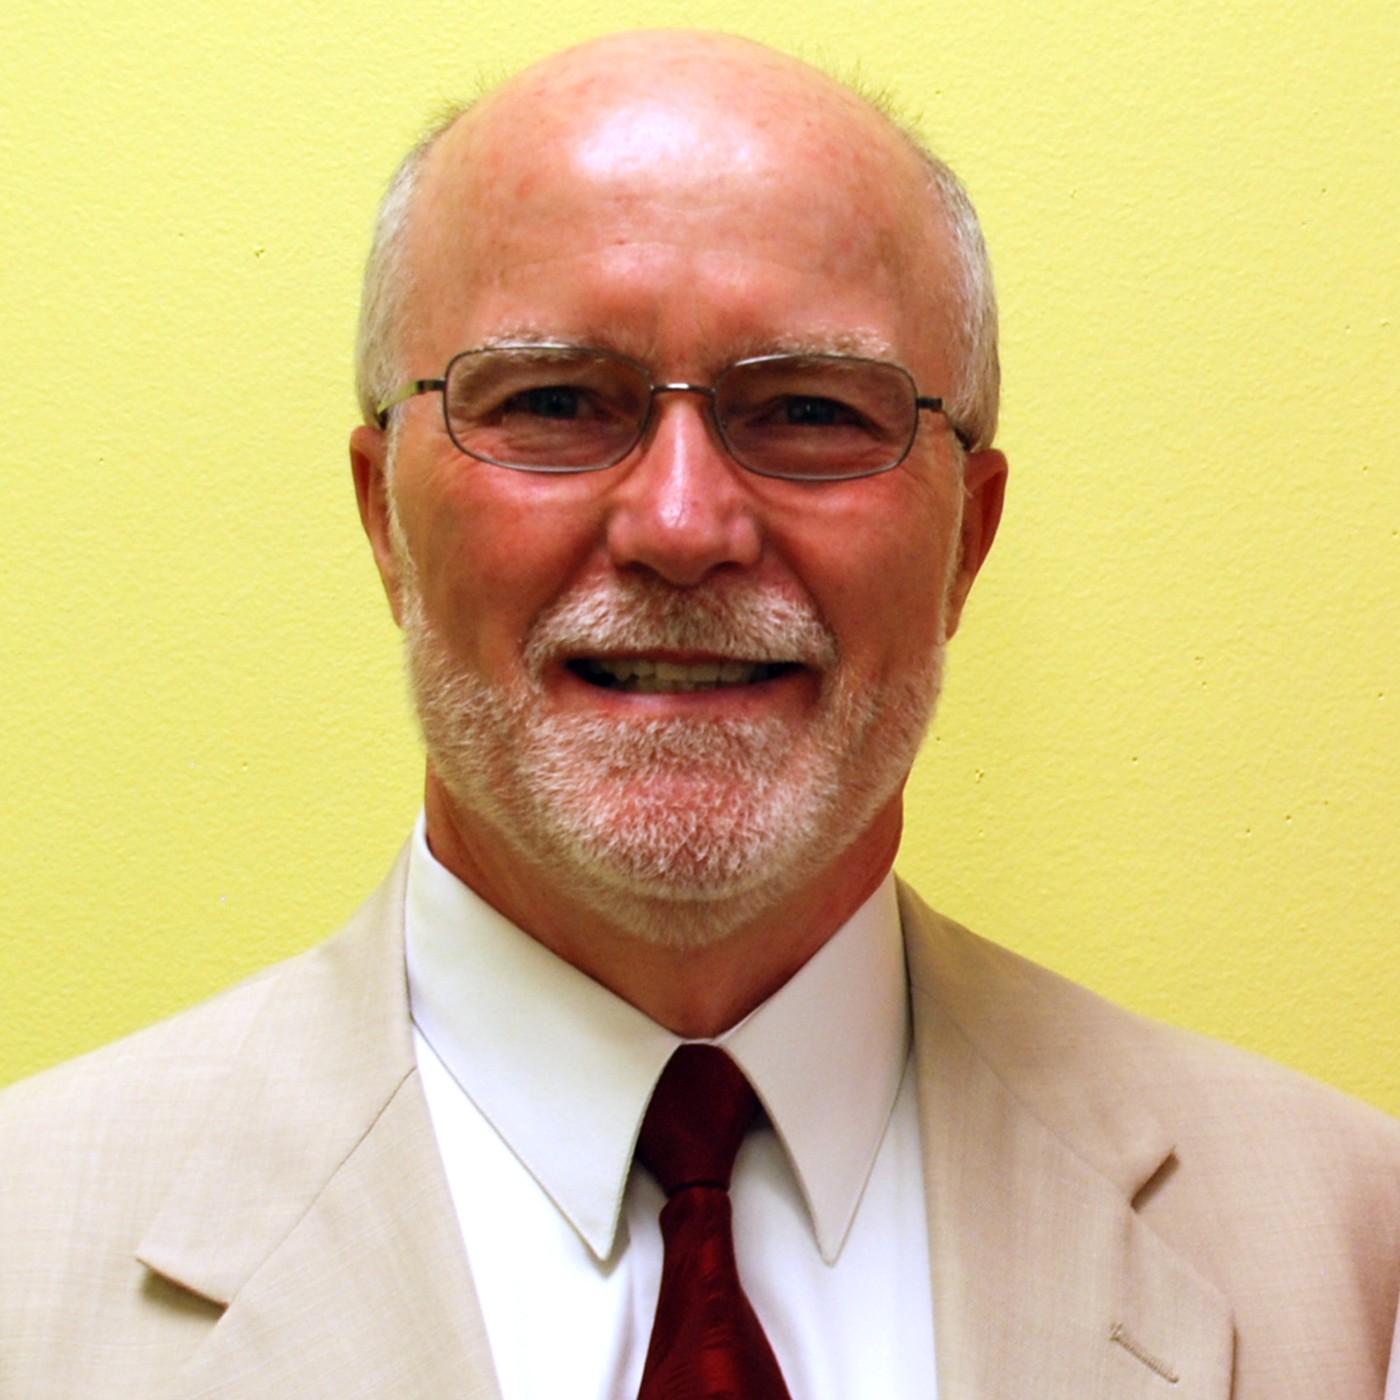 David Fultz